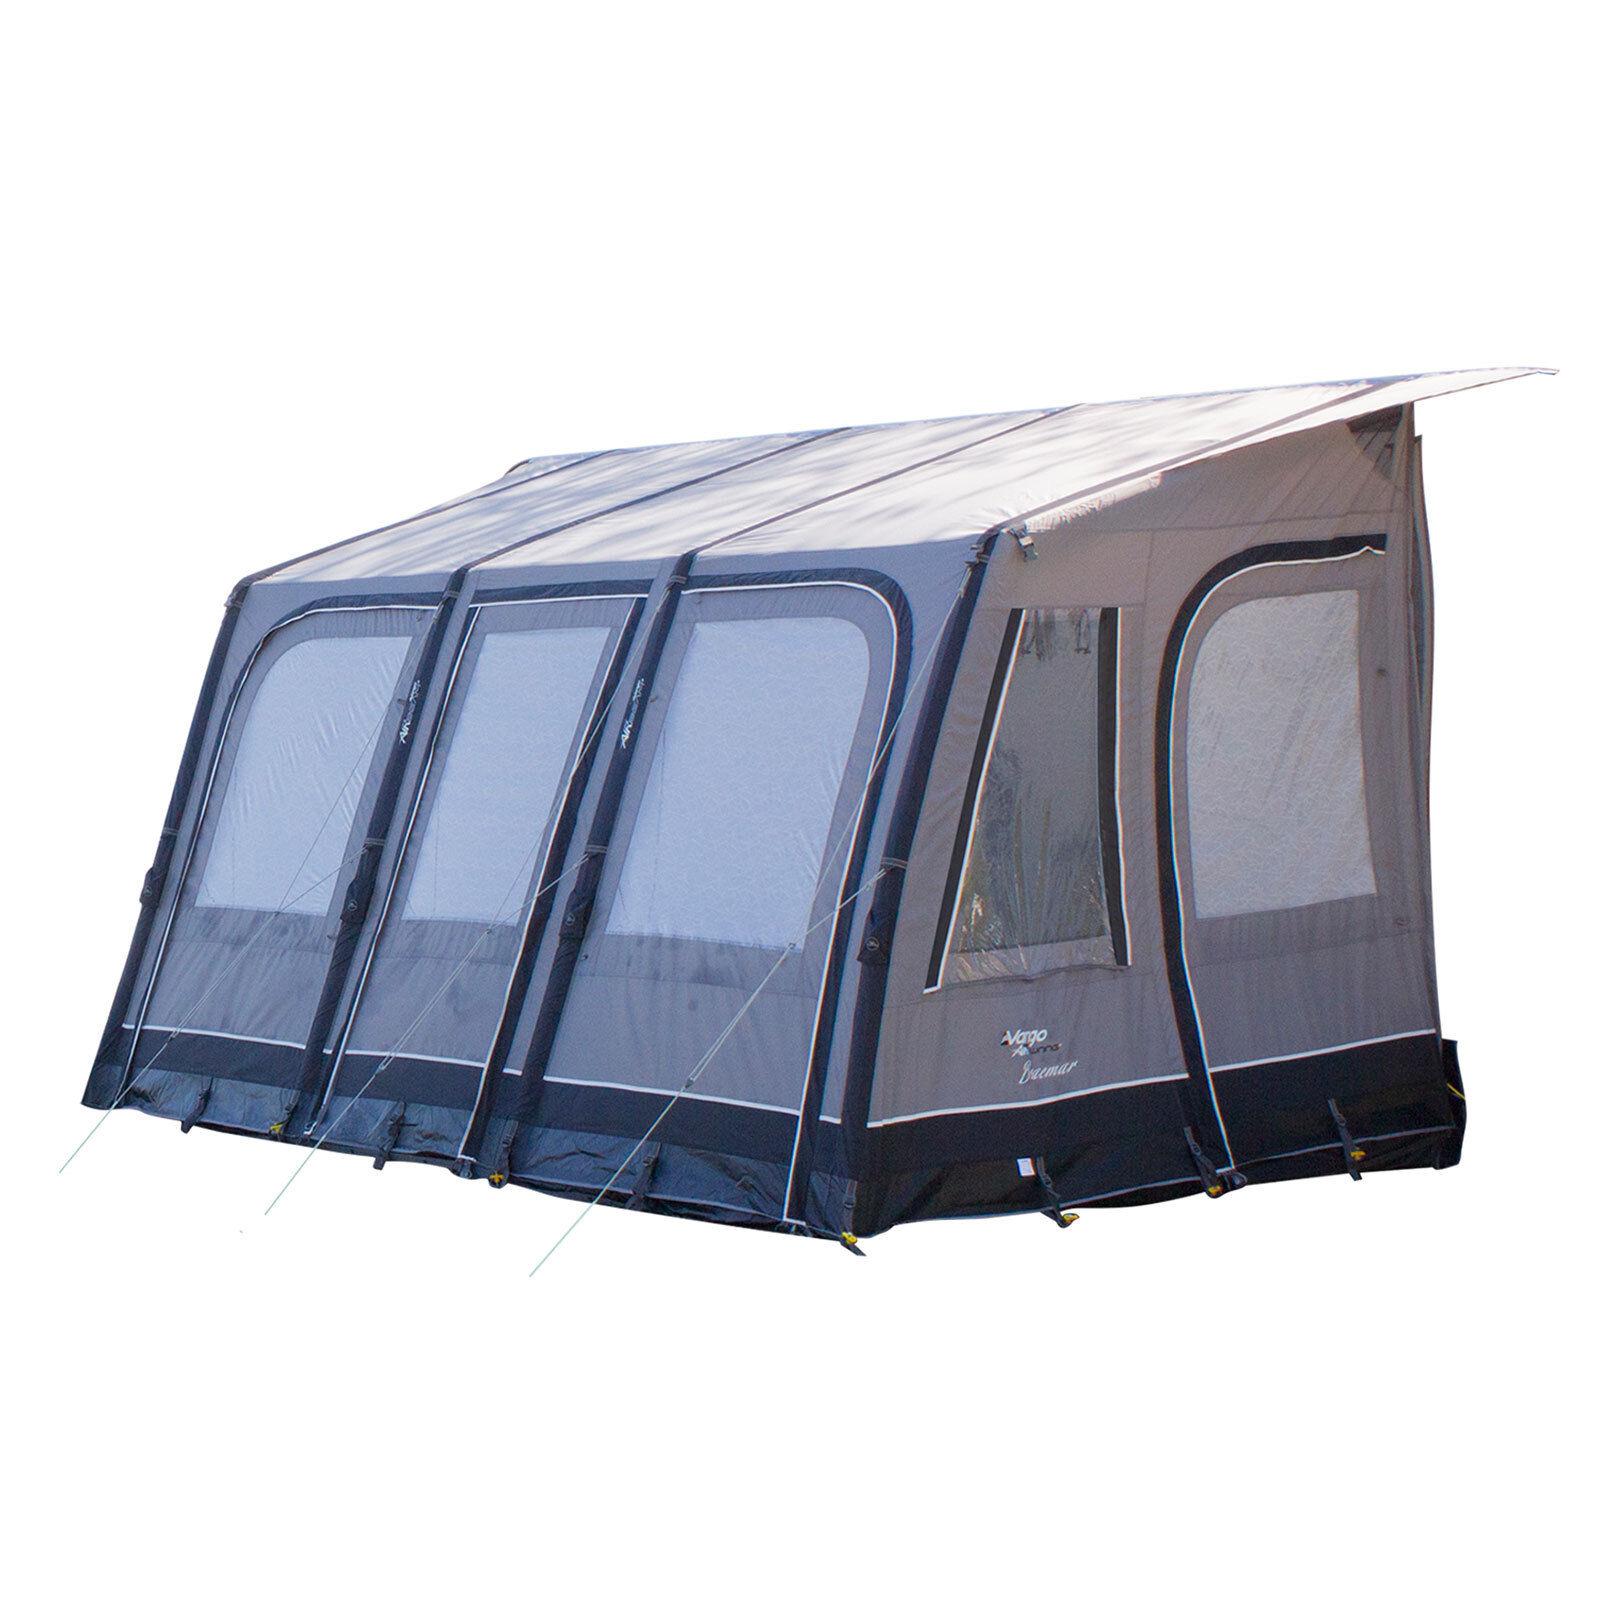 VANGO VANGO VANGO Braemar 400 Wohnwagen Vorzelt Caravan Anbau Zelt Camping Outdoor Vordach 53e519